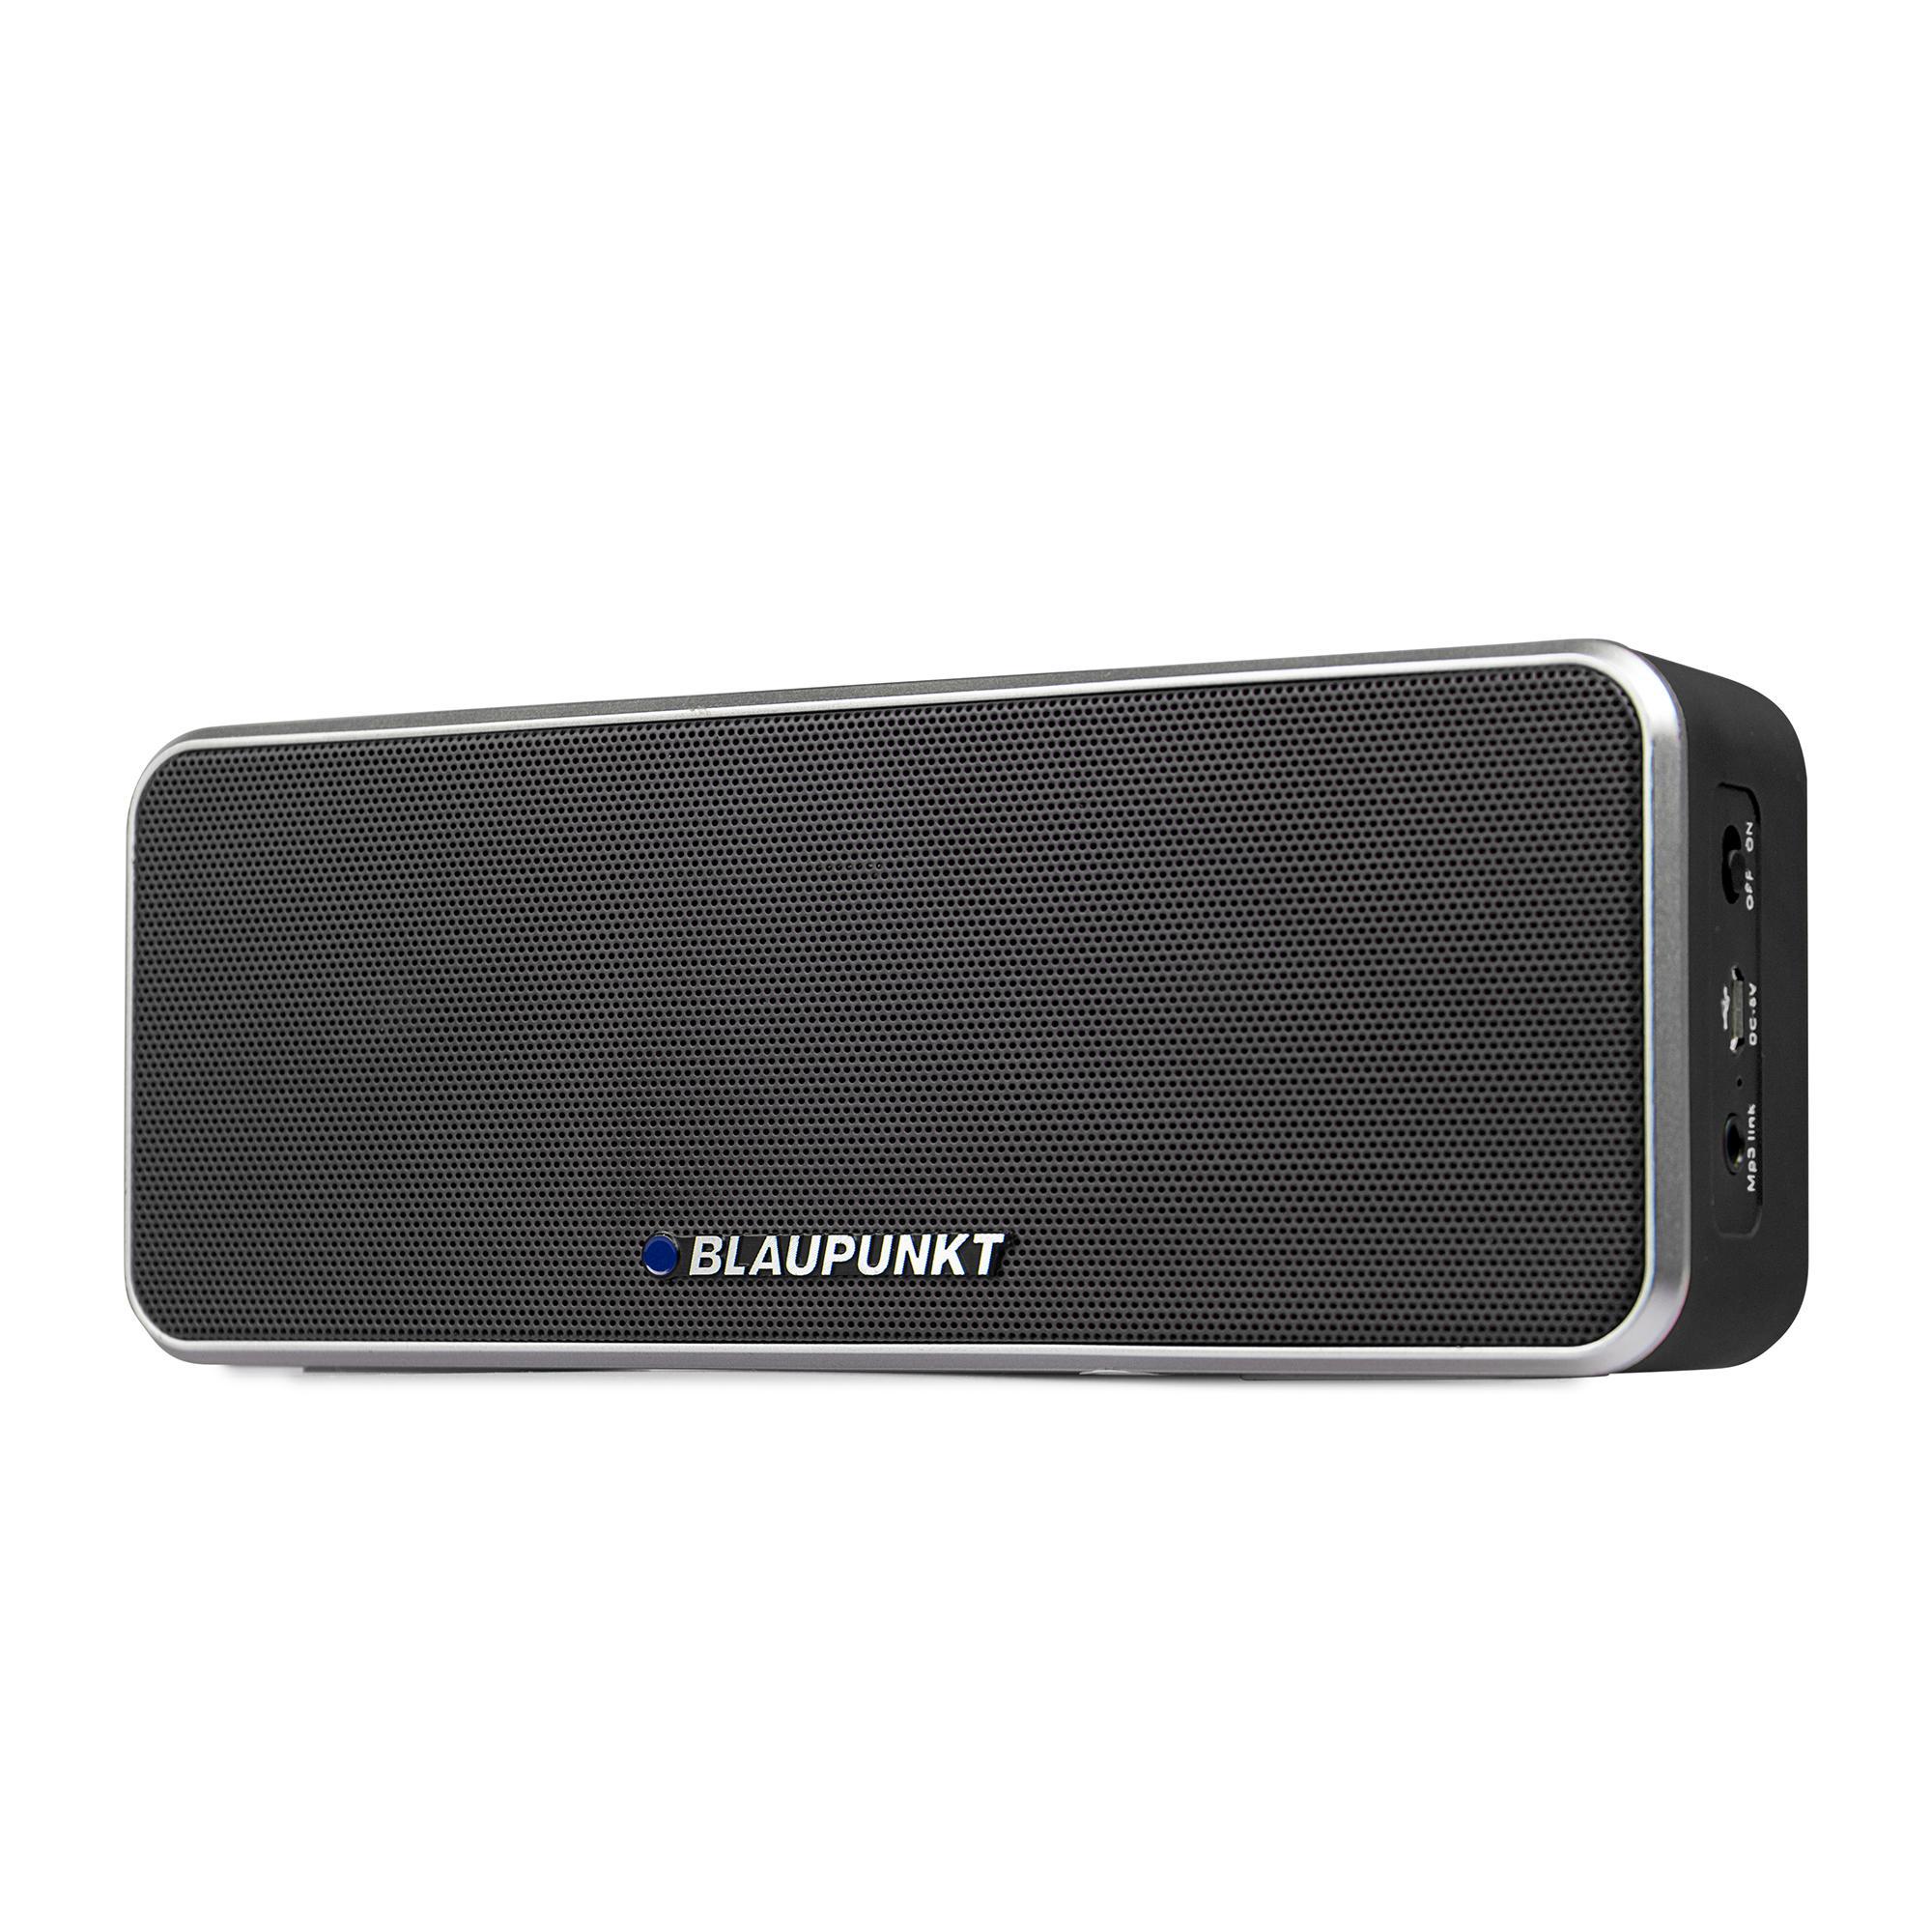 blaupunkt bt 6 bk bluetooth lautsprecher mit mikrofon freisprecheinrichtung eingebauter akku. Black Bedroom Furniture Sets. Home Design Ideas